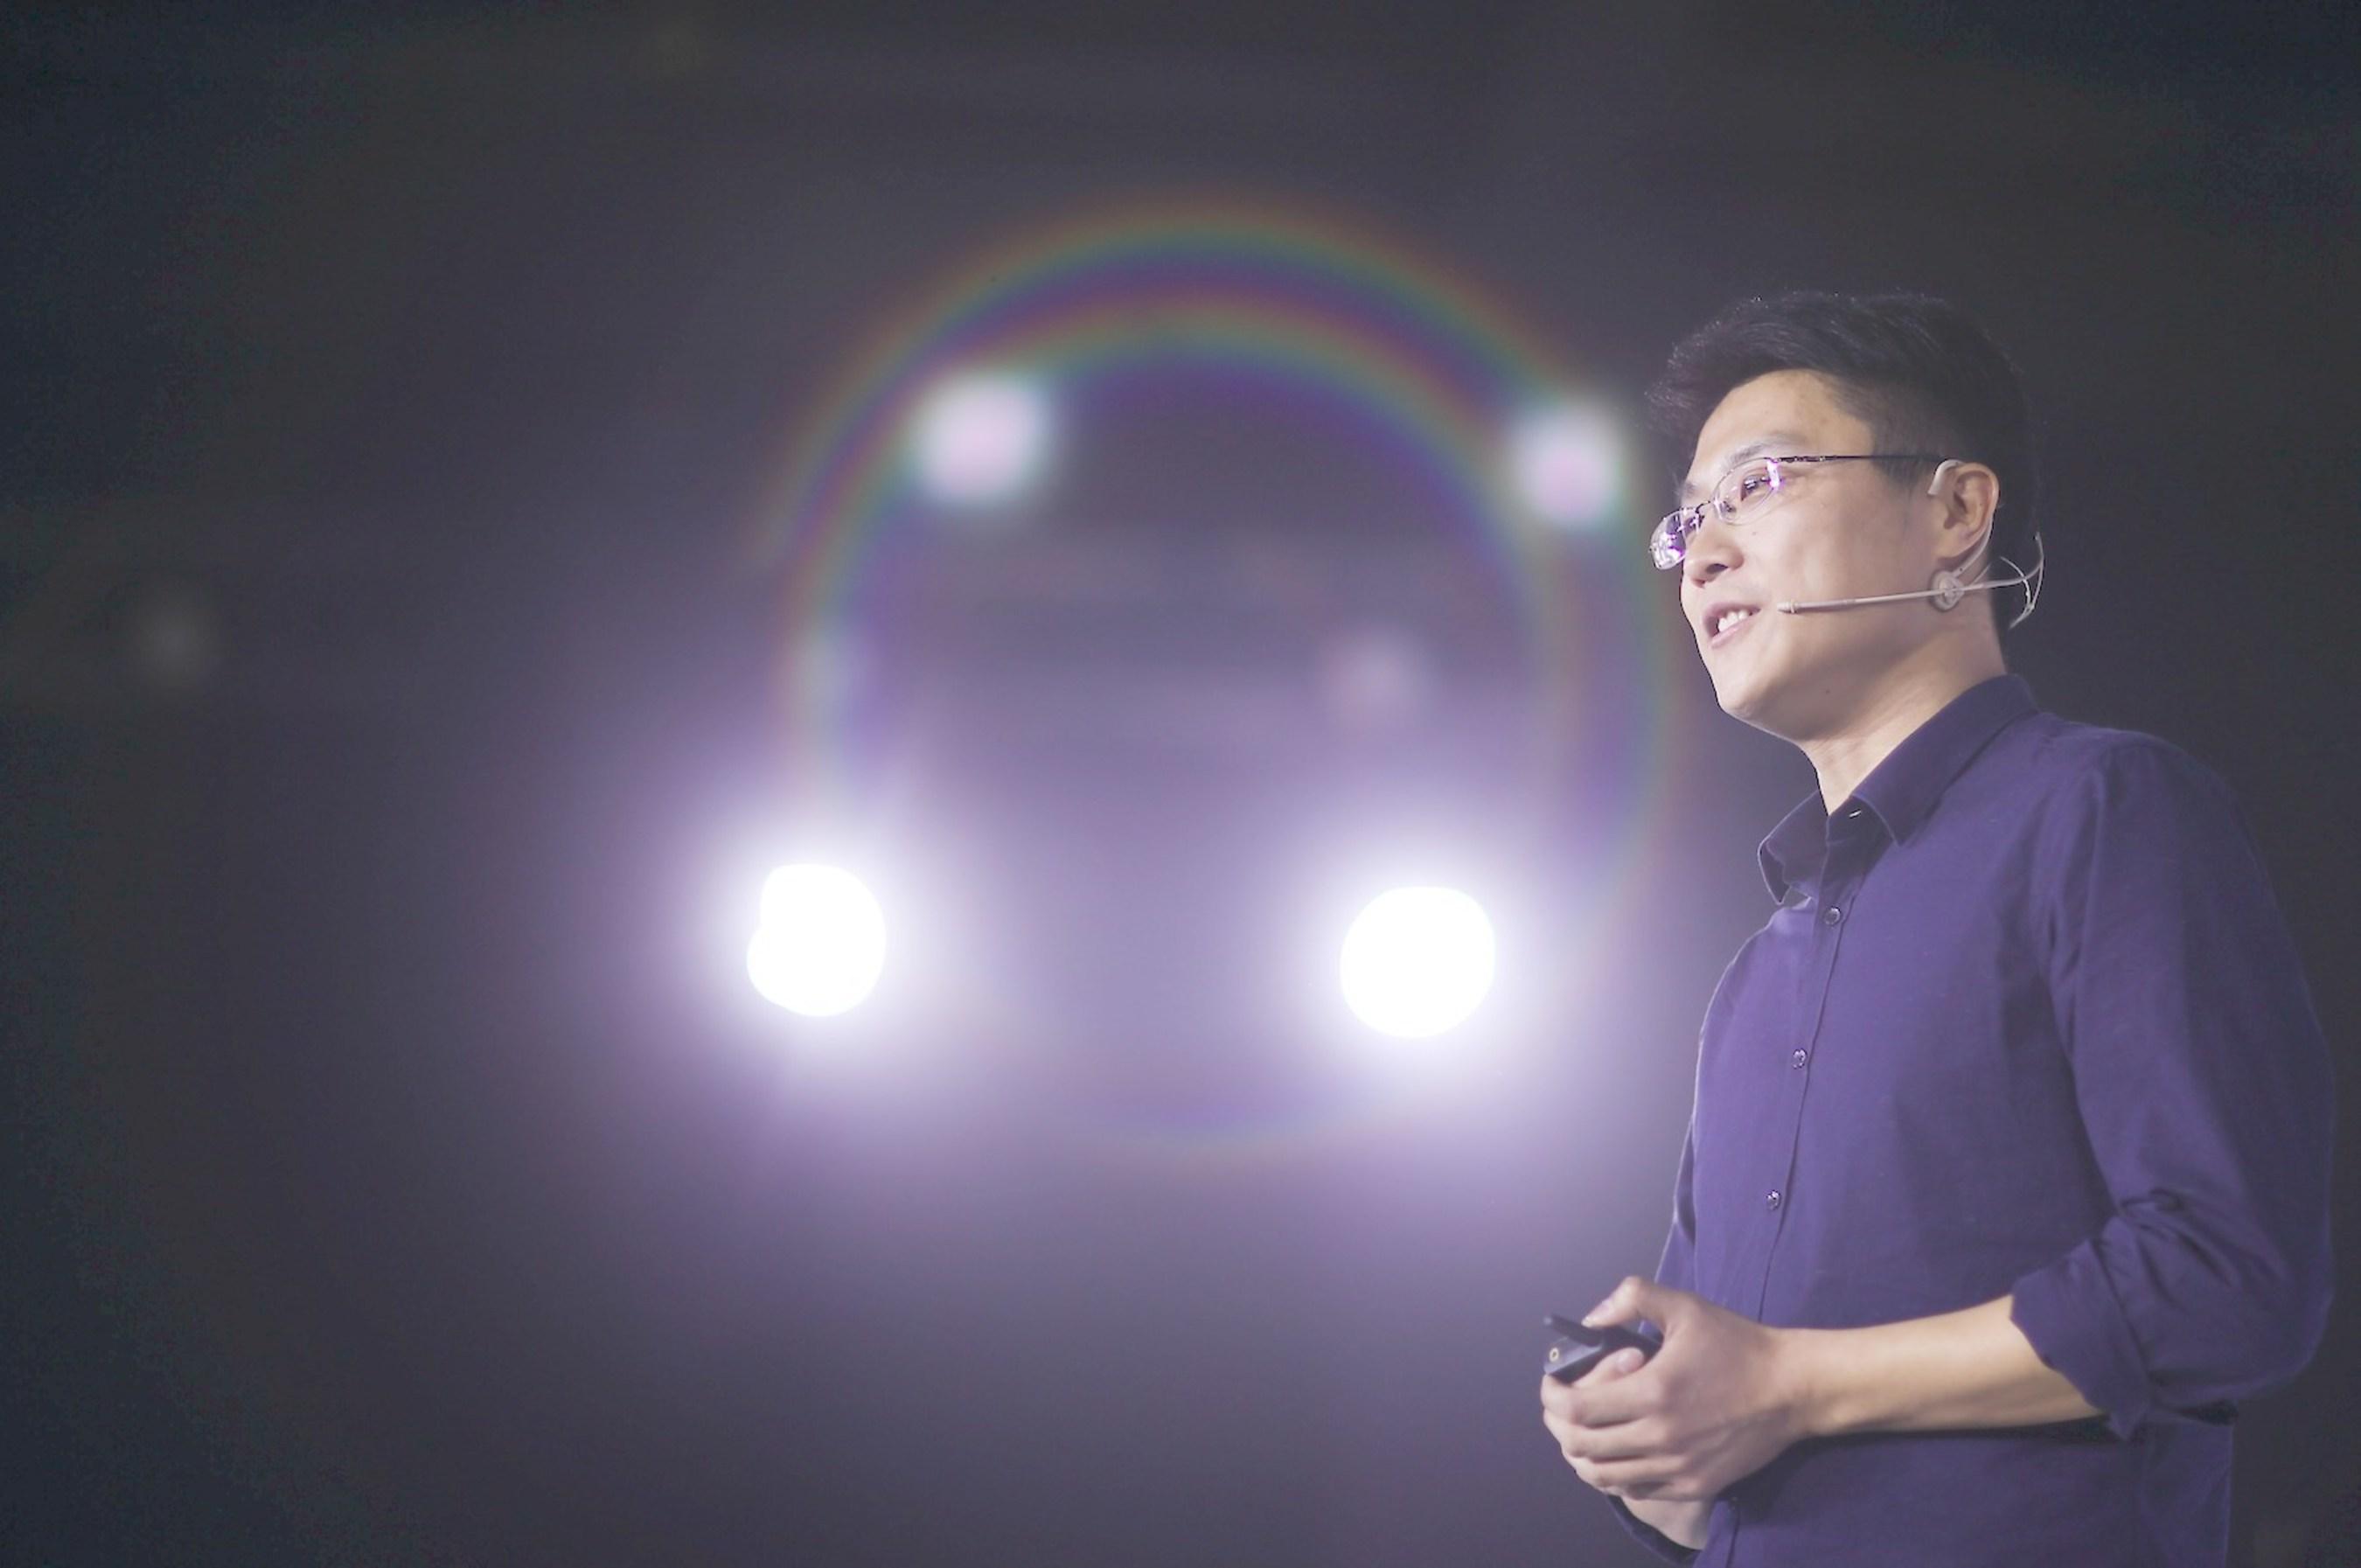 Netease Cloud Music CEO Zhu Yiwen